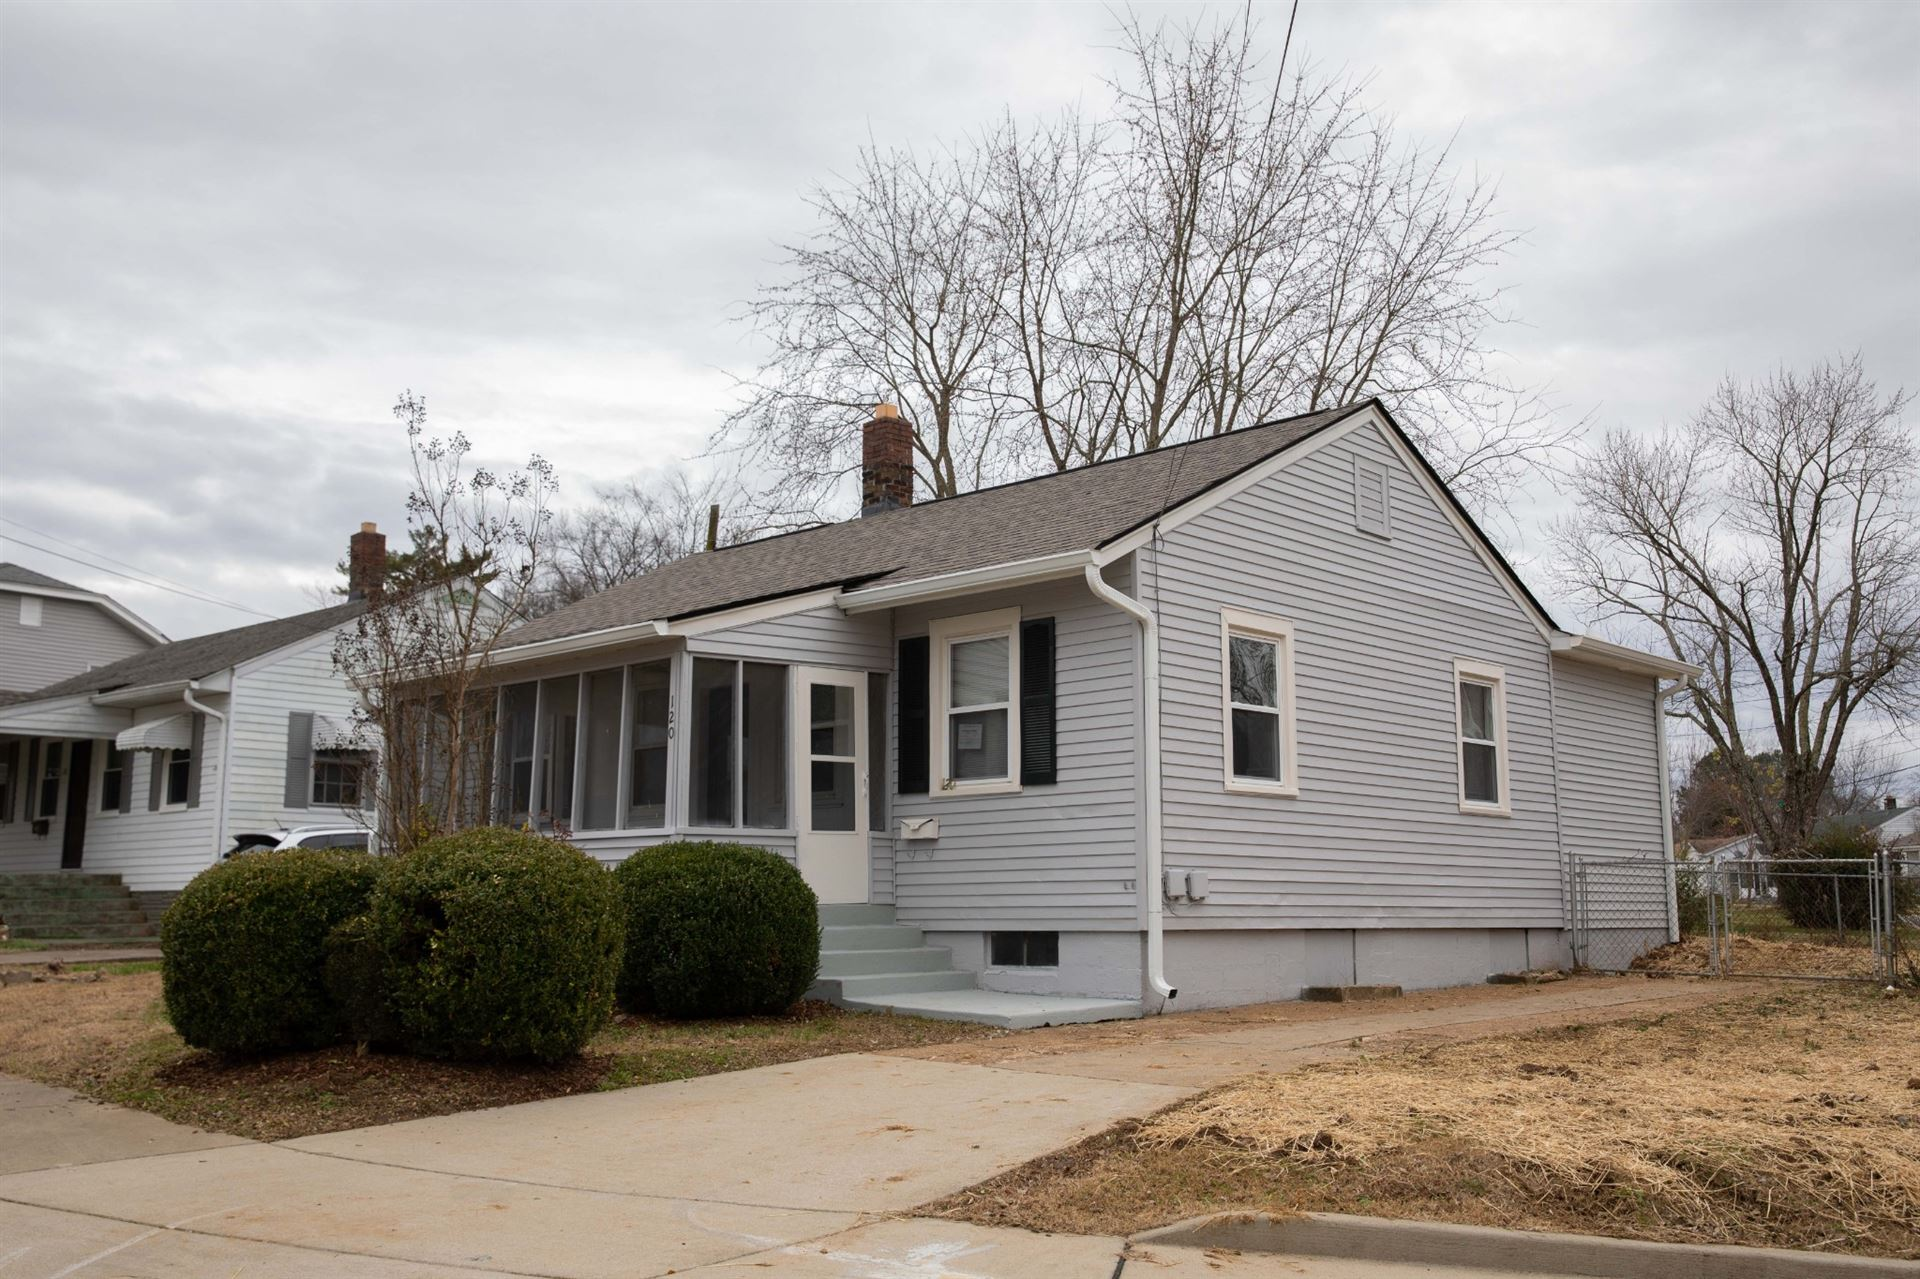 120 Buffalo St, Old Hickory, TN 37138 - MLS#: 2217724